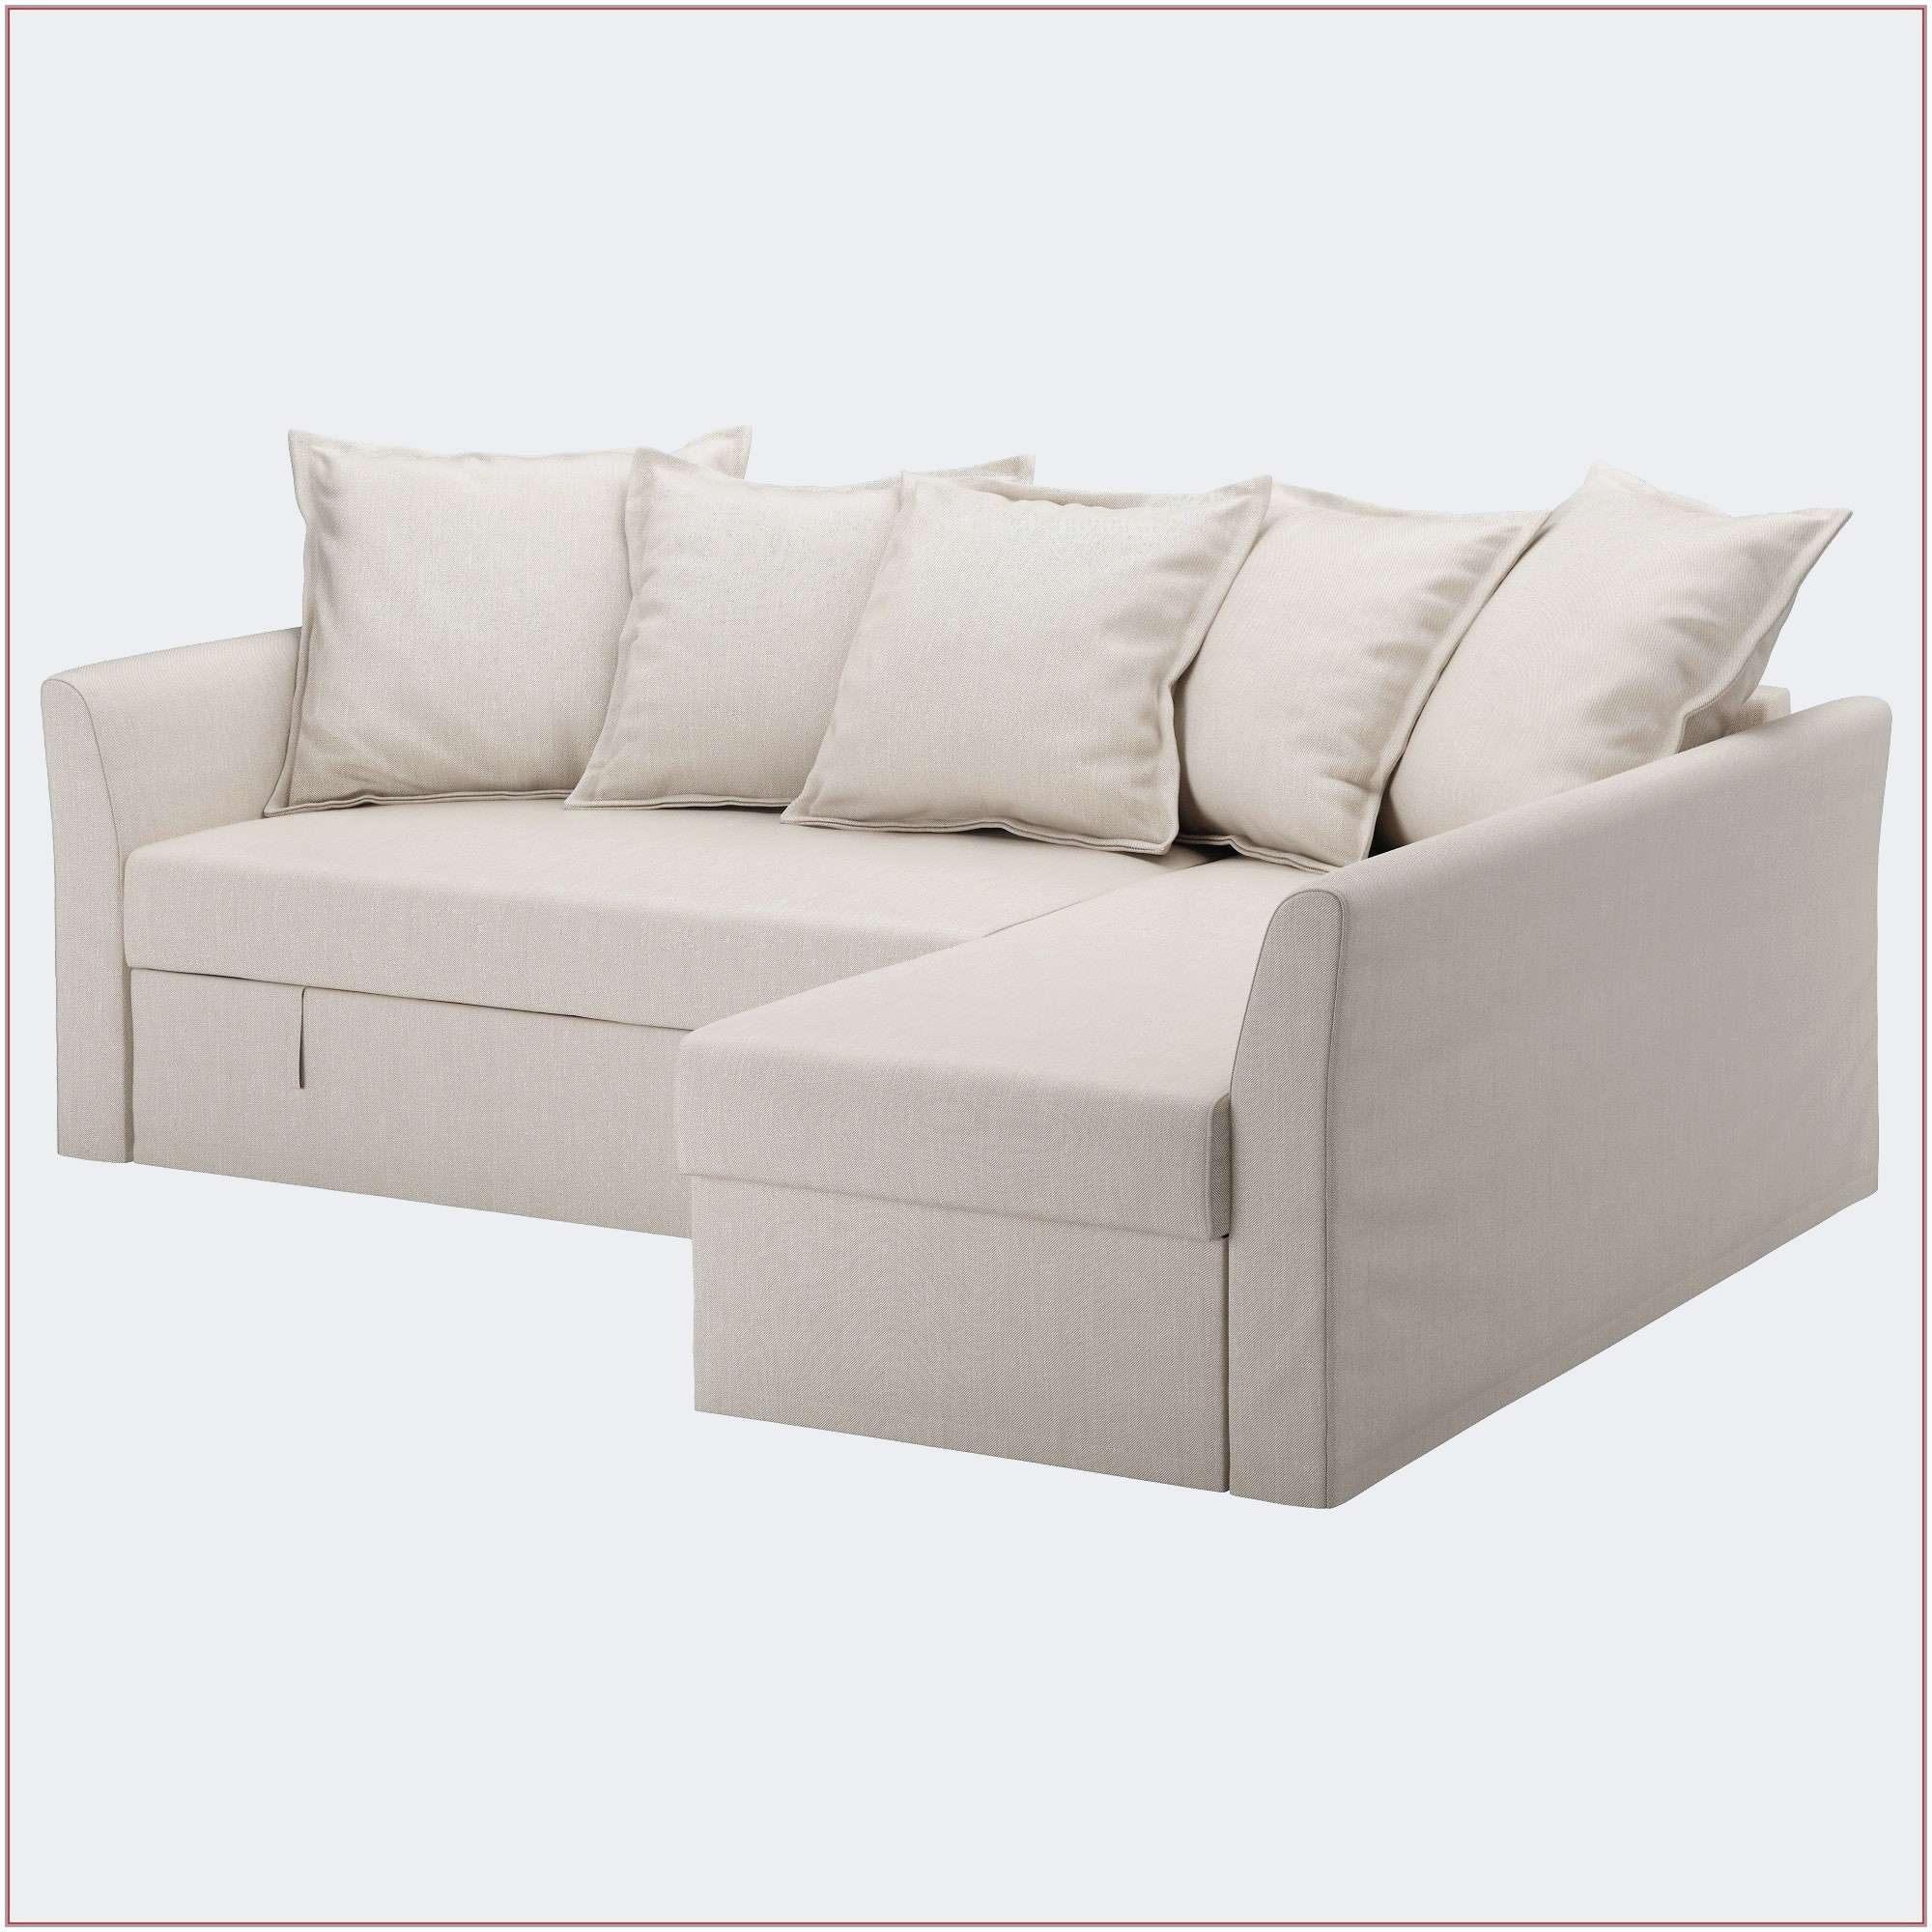 Lit Escamotable Canapé Ikea Unique 50 Canapé Bz Ikea Idee Jongor4hire